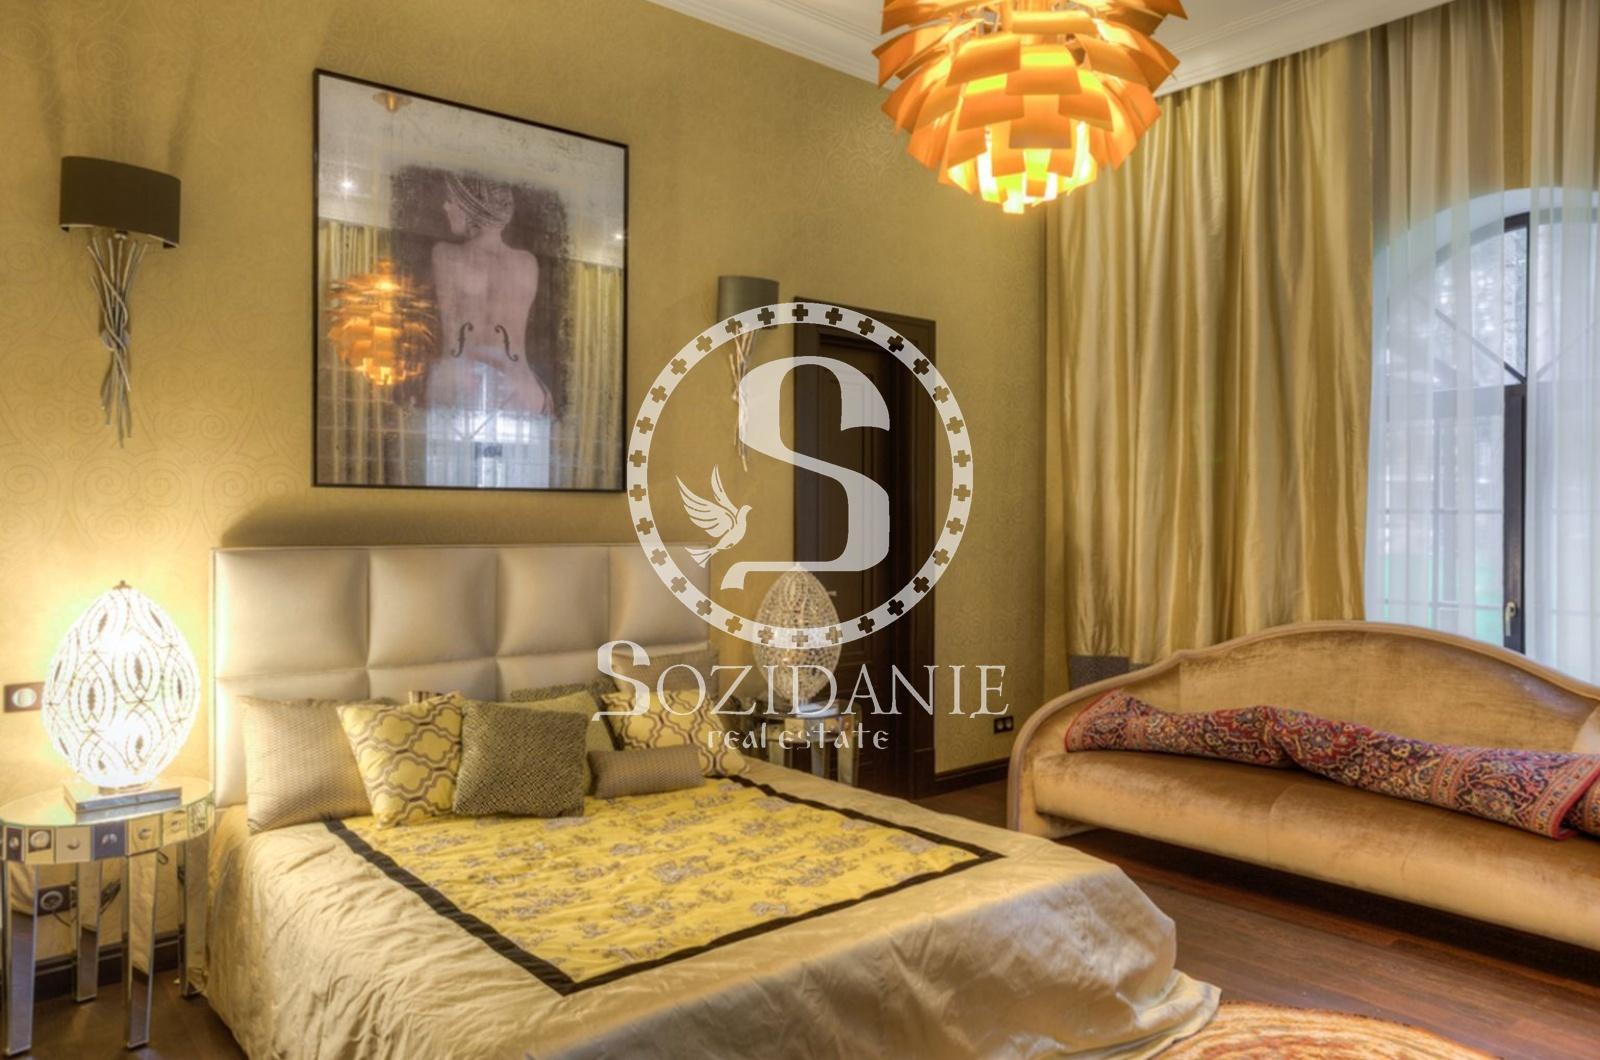 8 Bedrooms, Загородная, Продажа, Listing ID 1517, Московская область, Россия,